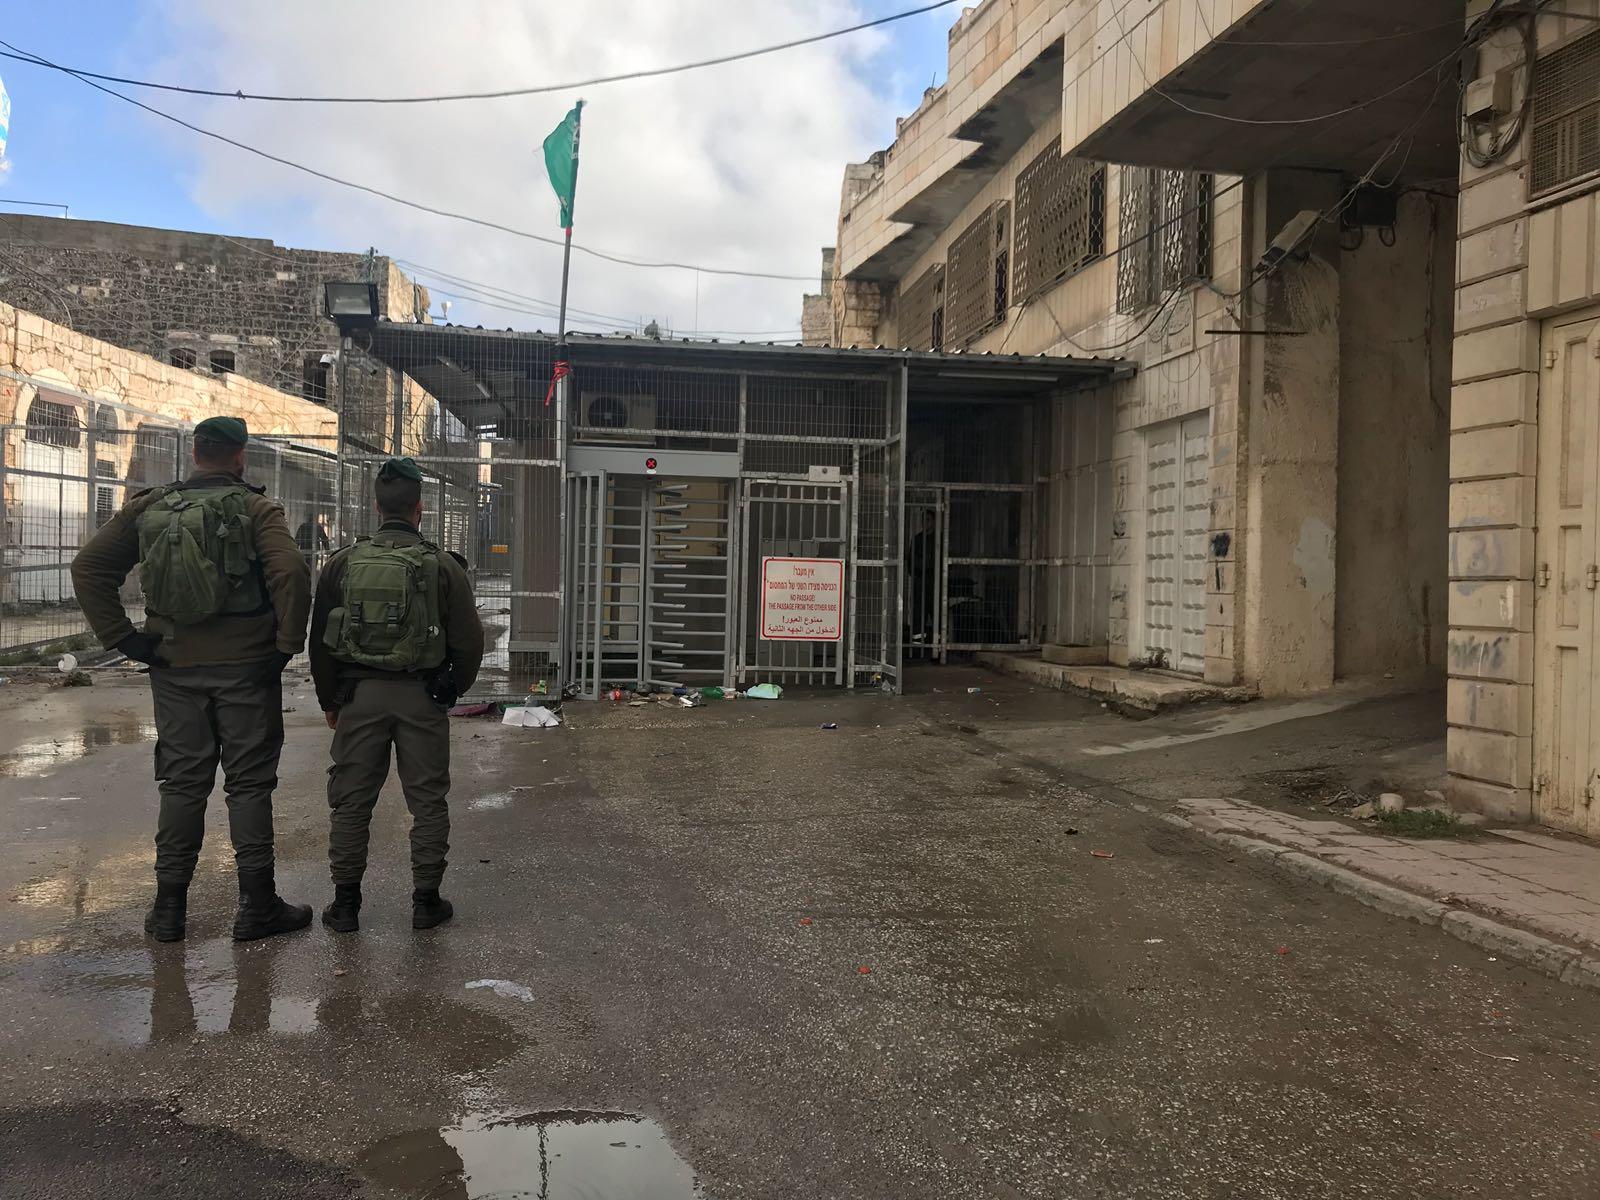 Israel to close West Bank, Gaza during upcoming holidays